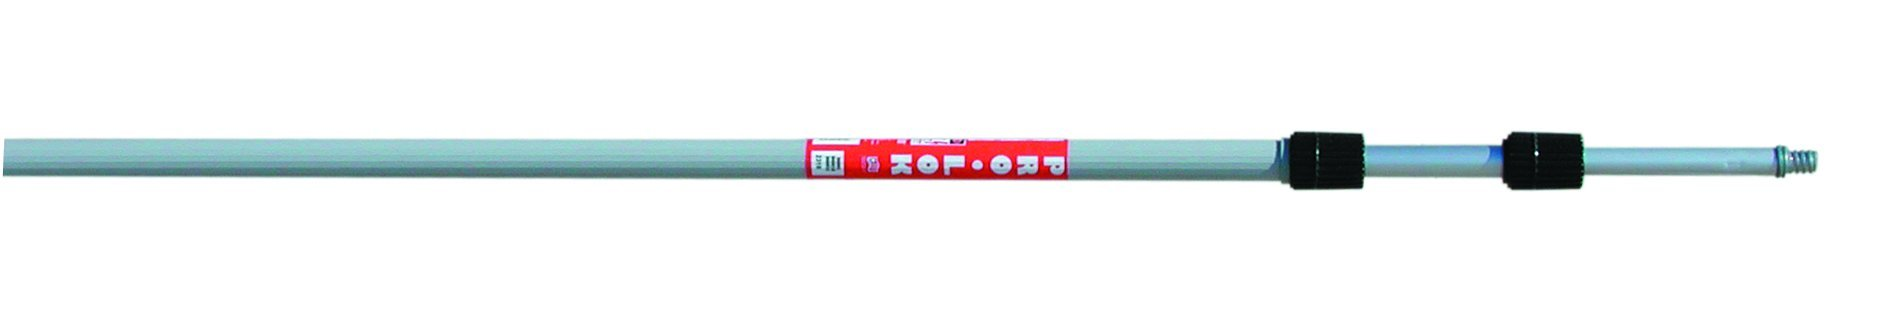 Magnolia Brush PRO-LOCK 618 Aluminum Pro-Lock Heavy Duty Extension Handle, 1-1/4'' Diameter, 6' - 18' Length (Case of 6)